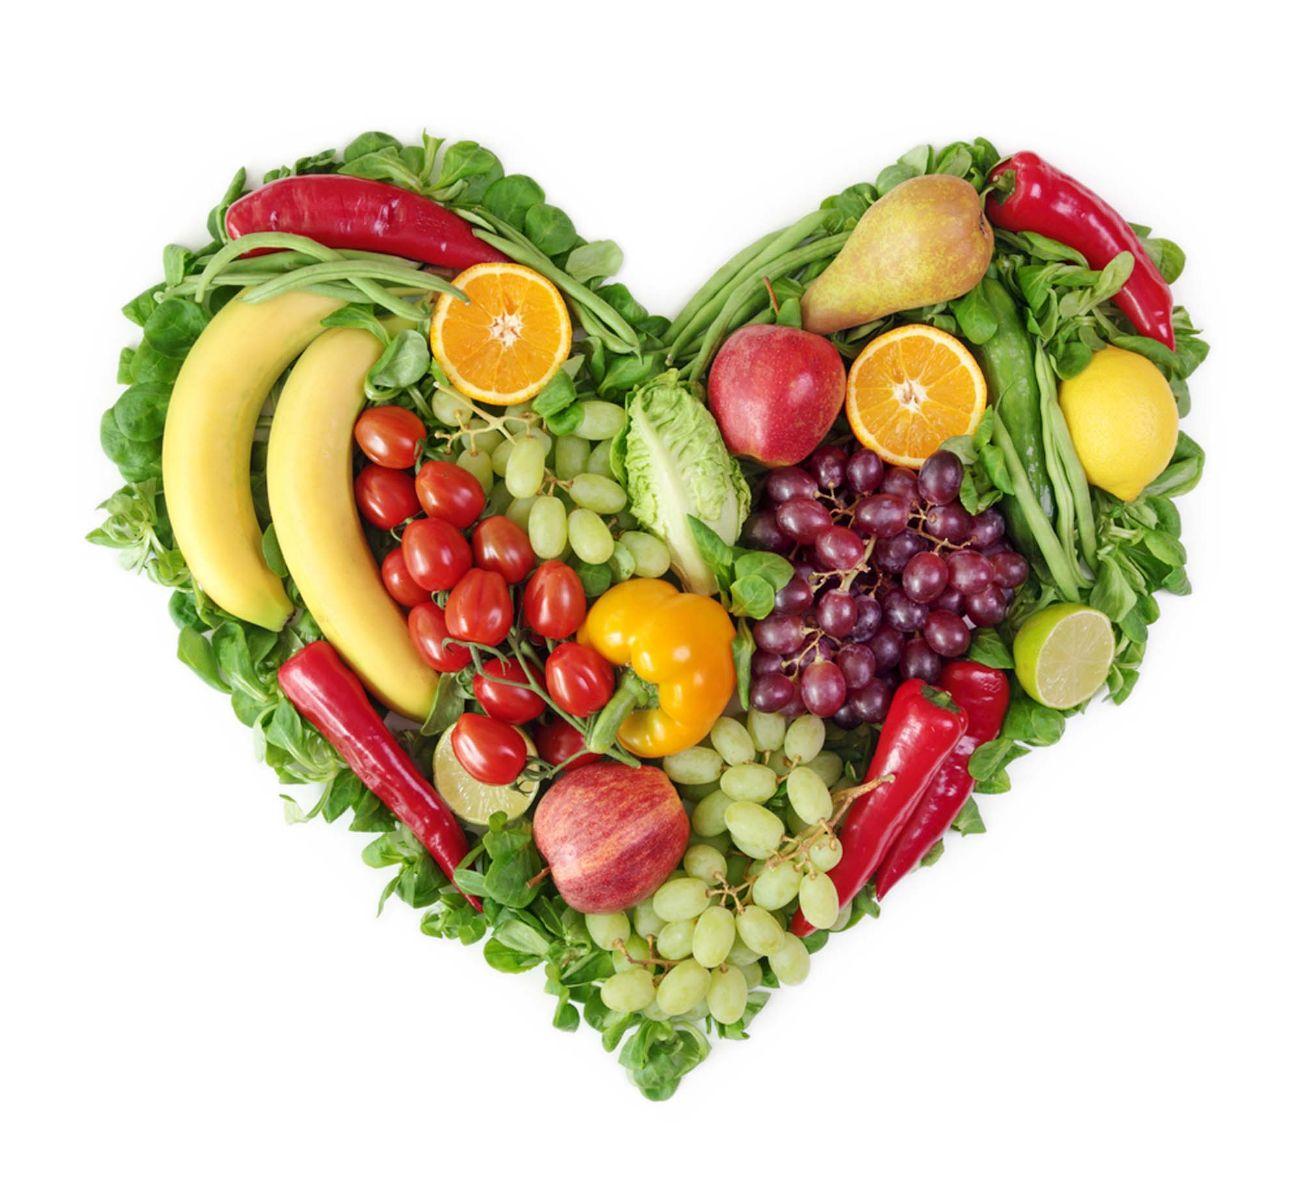 Tại sao cần chọn những thực phẩm tốt cho tim mạch?